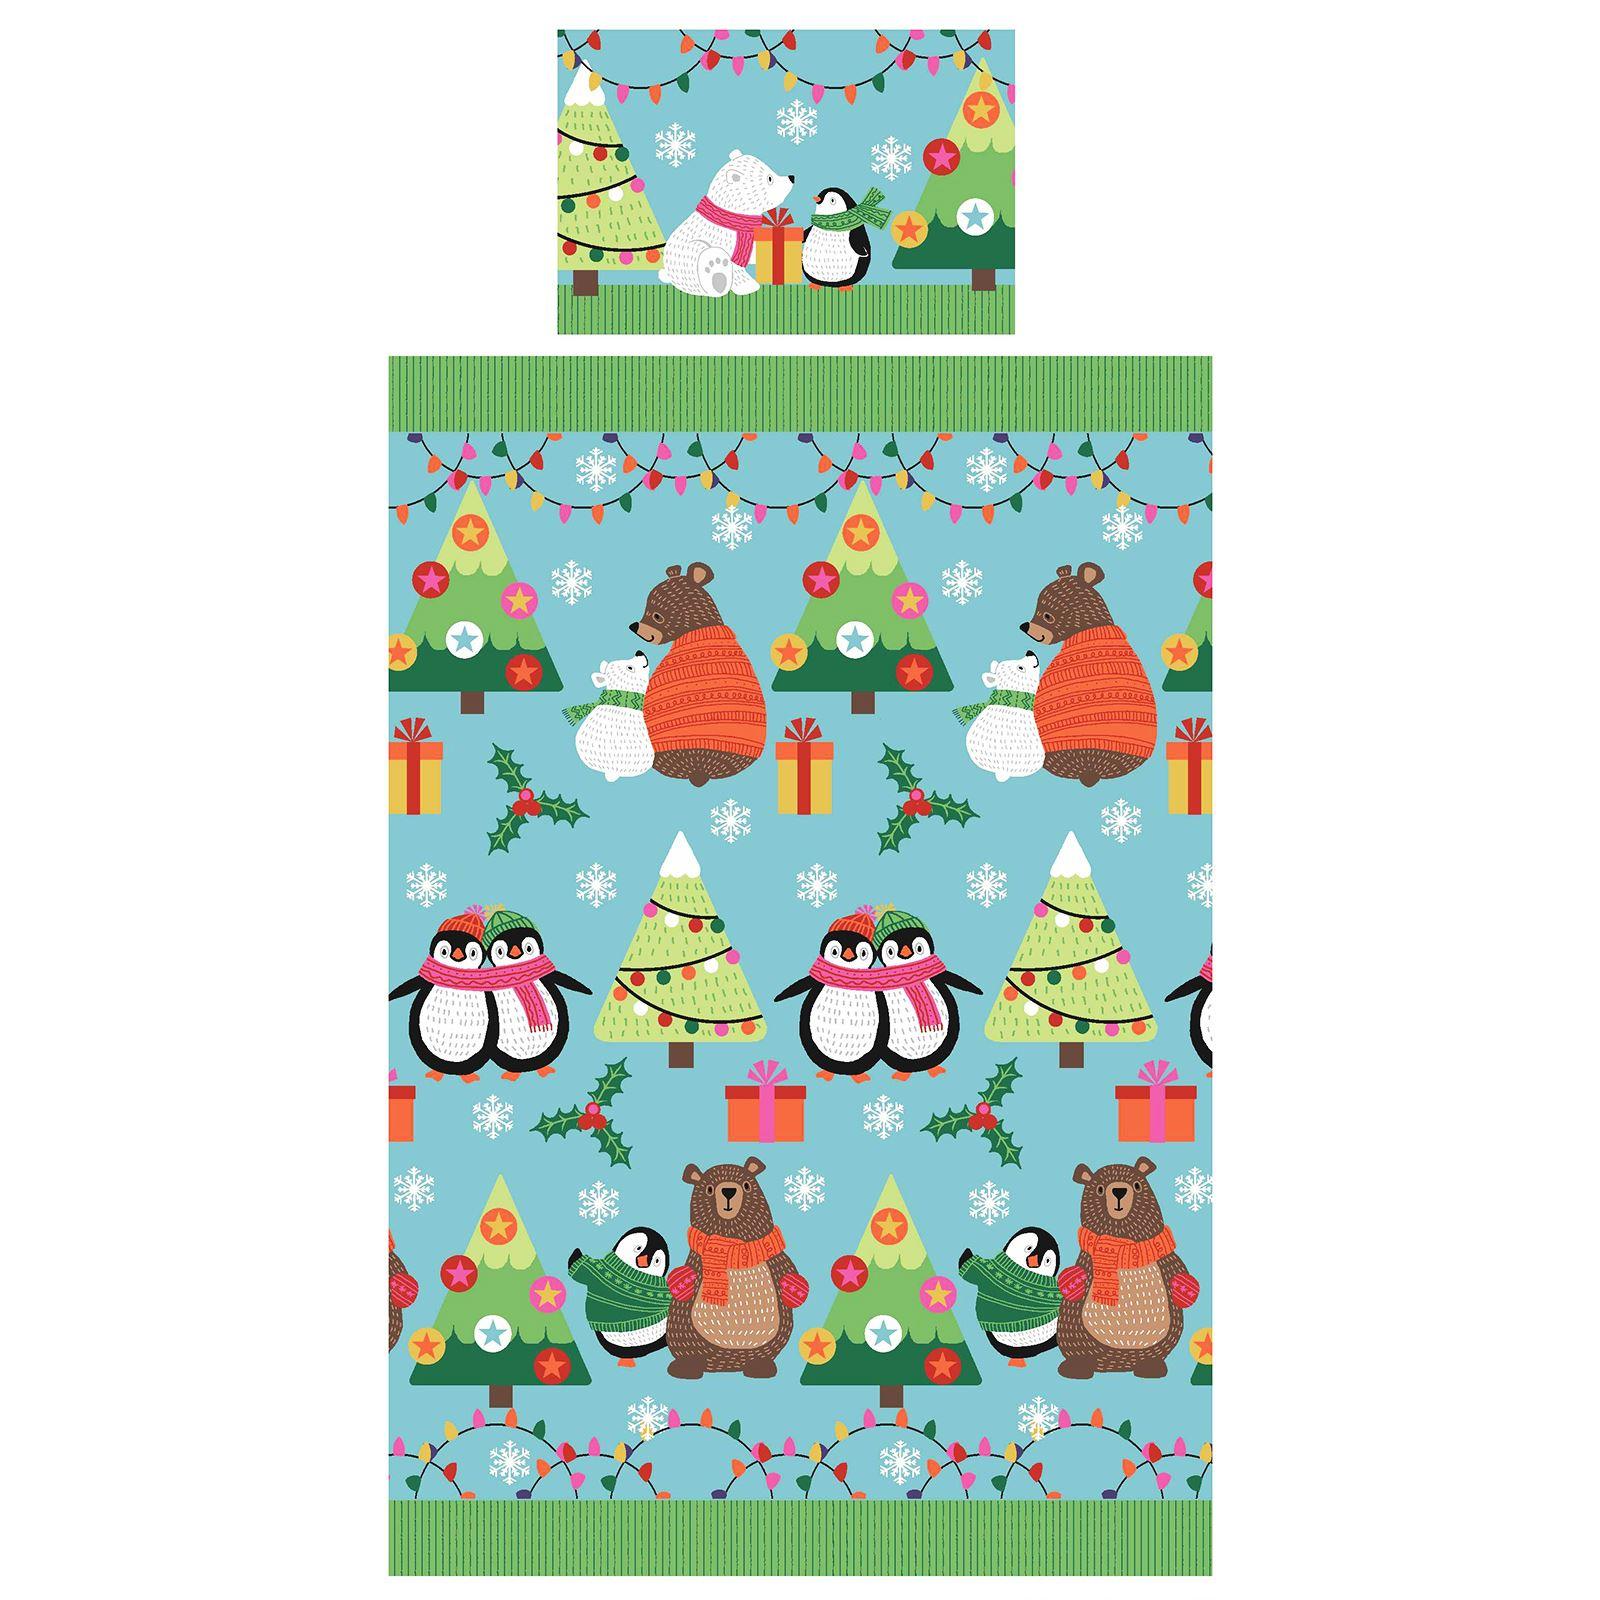 Indexbild 102 - Kinder Weihnachten Bettbezug Sets - Junior Einzel Doppel King - Elf Emoji Grinch